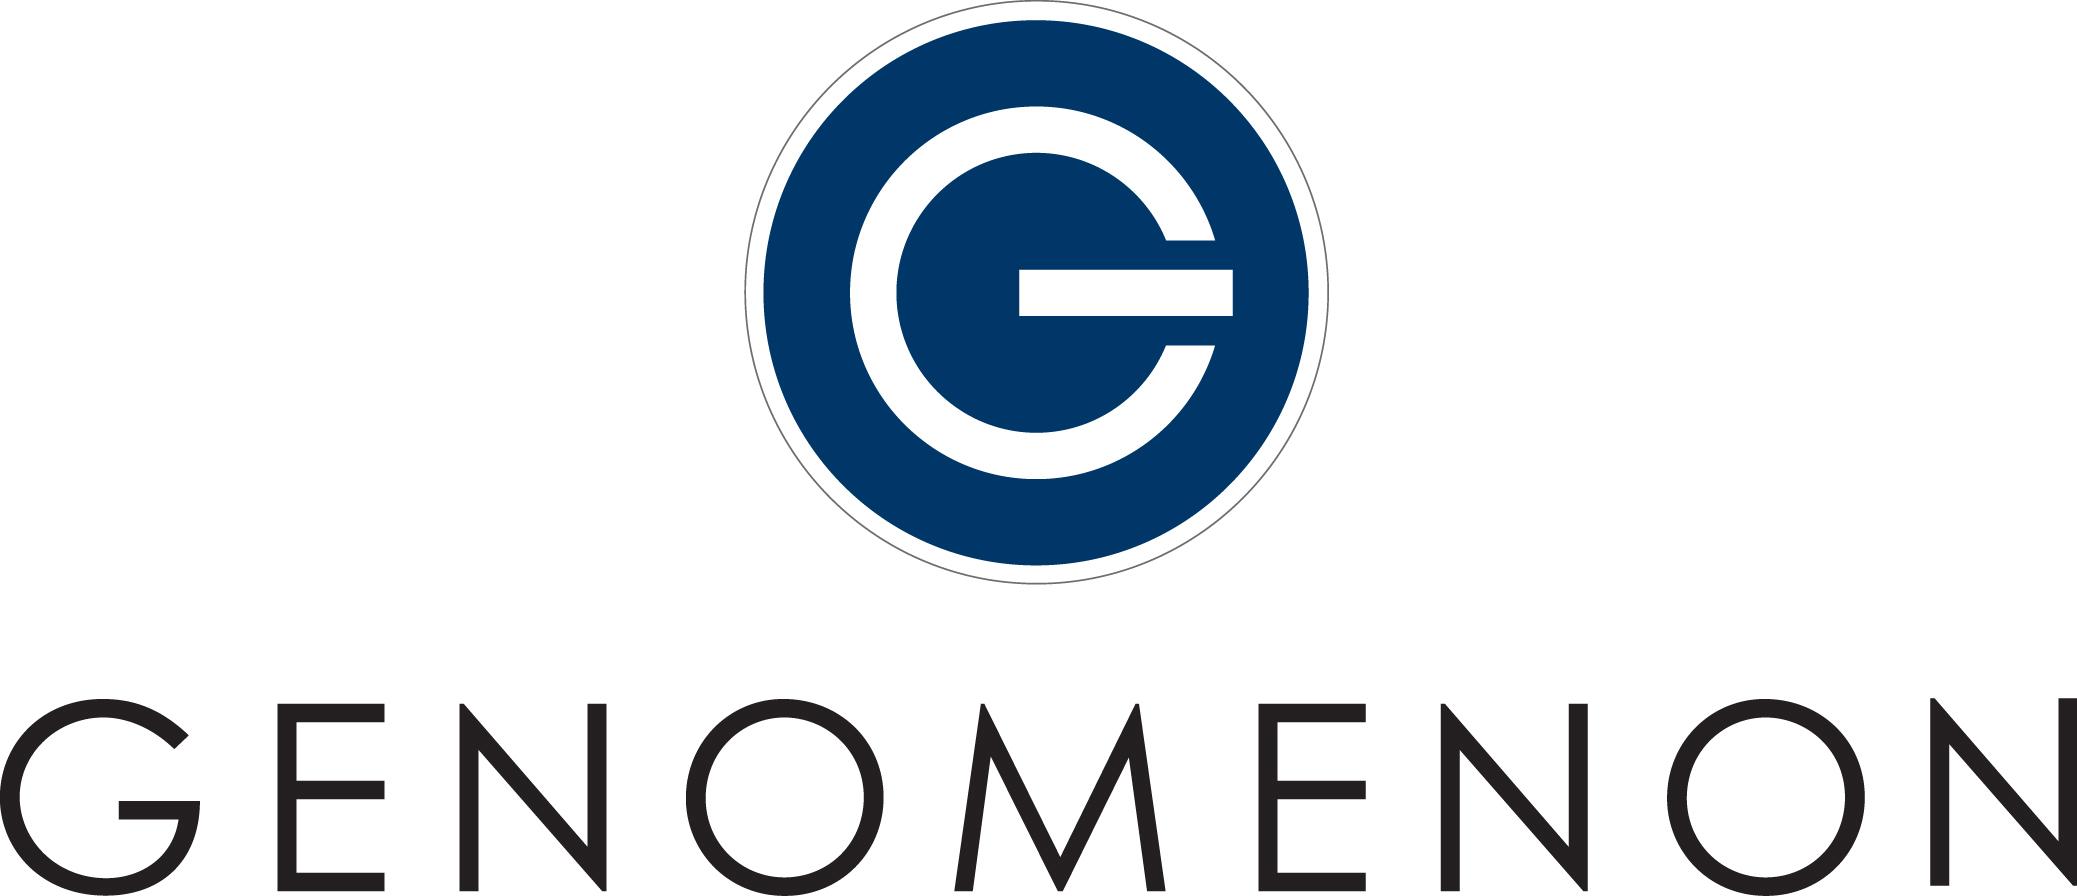 Genomenon.jpg